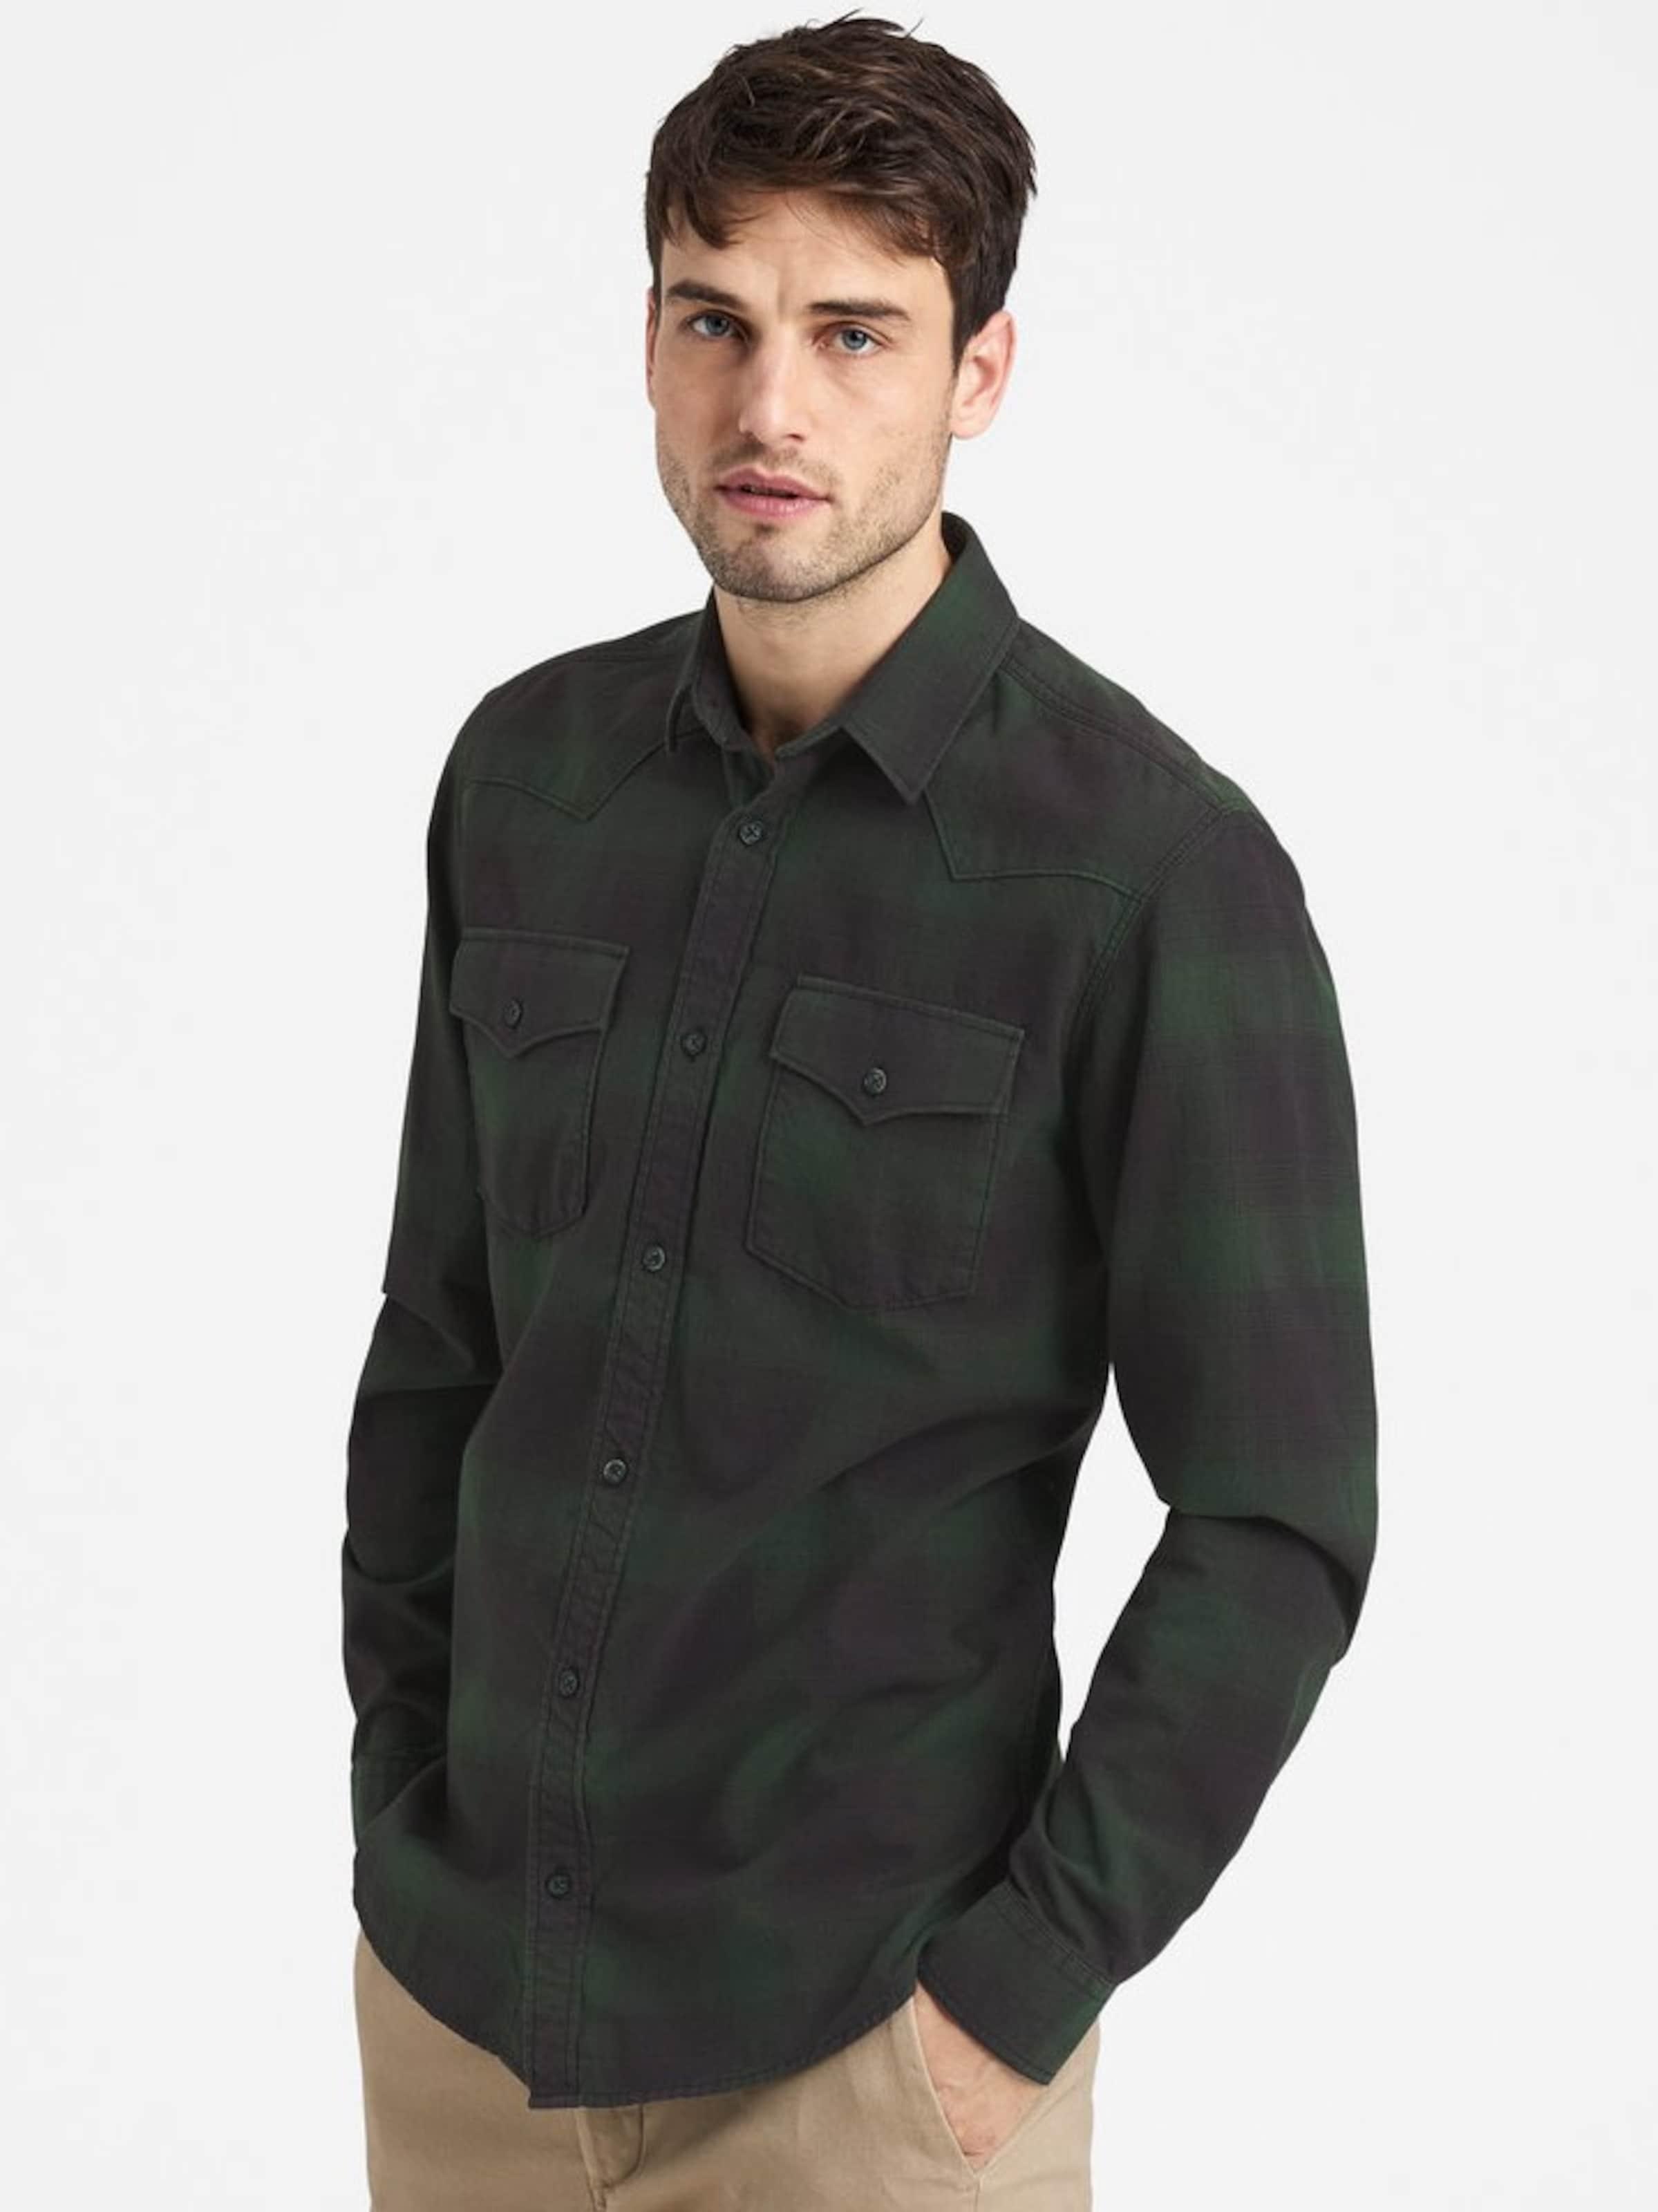 Produkt Langärmeliges Hemd Zum Verkauf Finish 9rWbzCnQth